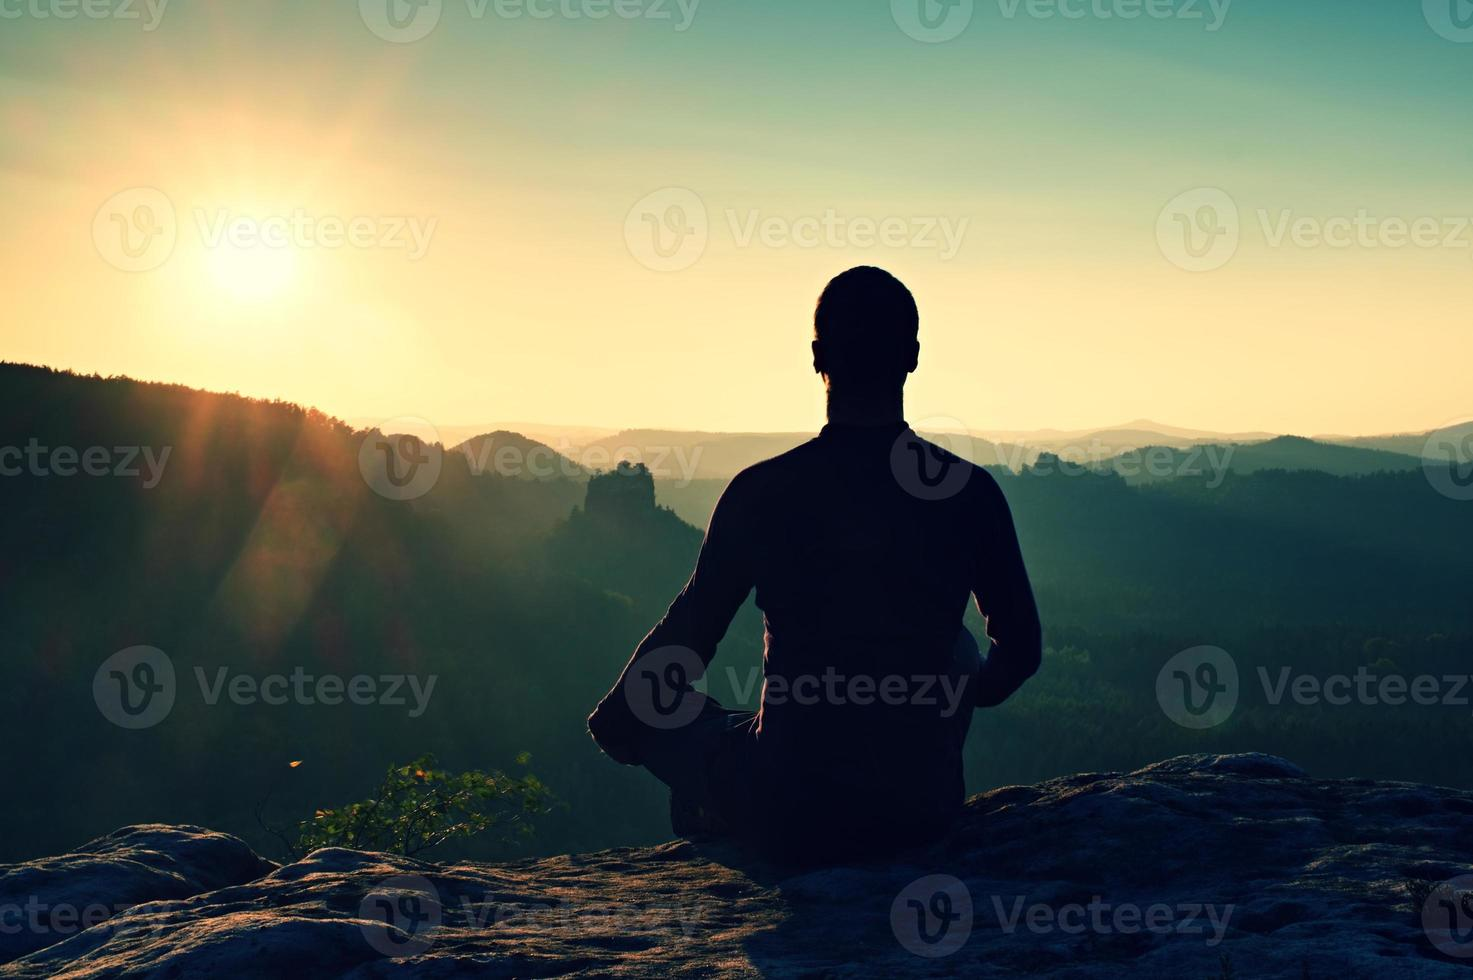 escursionista in posizione accovacciata su una roccia, goditi il panorama del crepuscolo foto